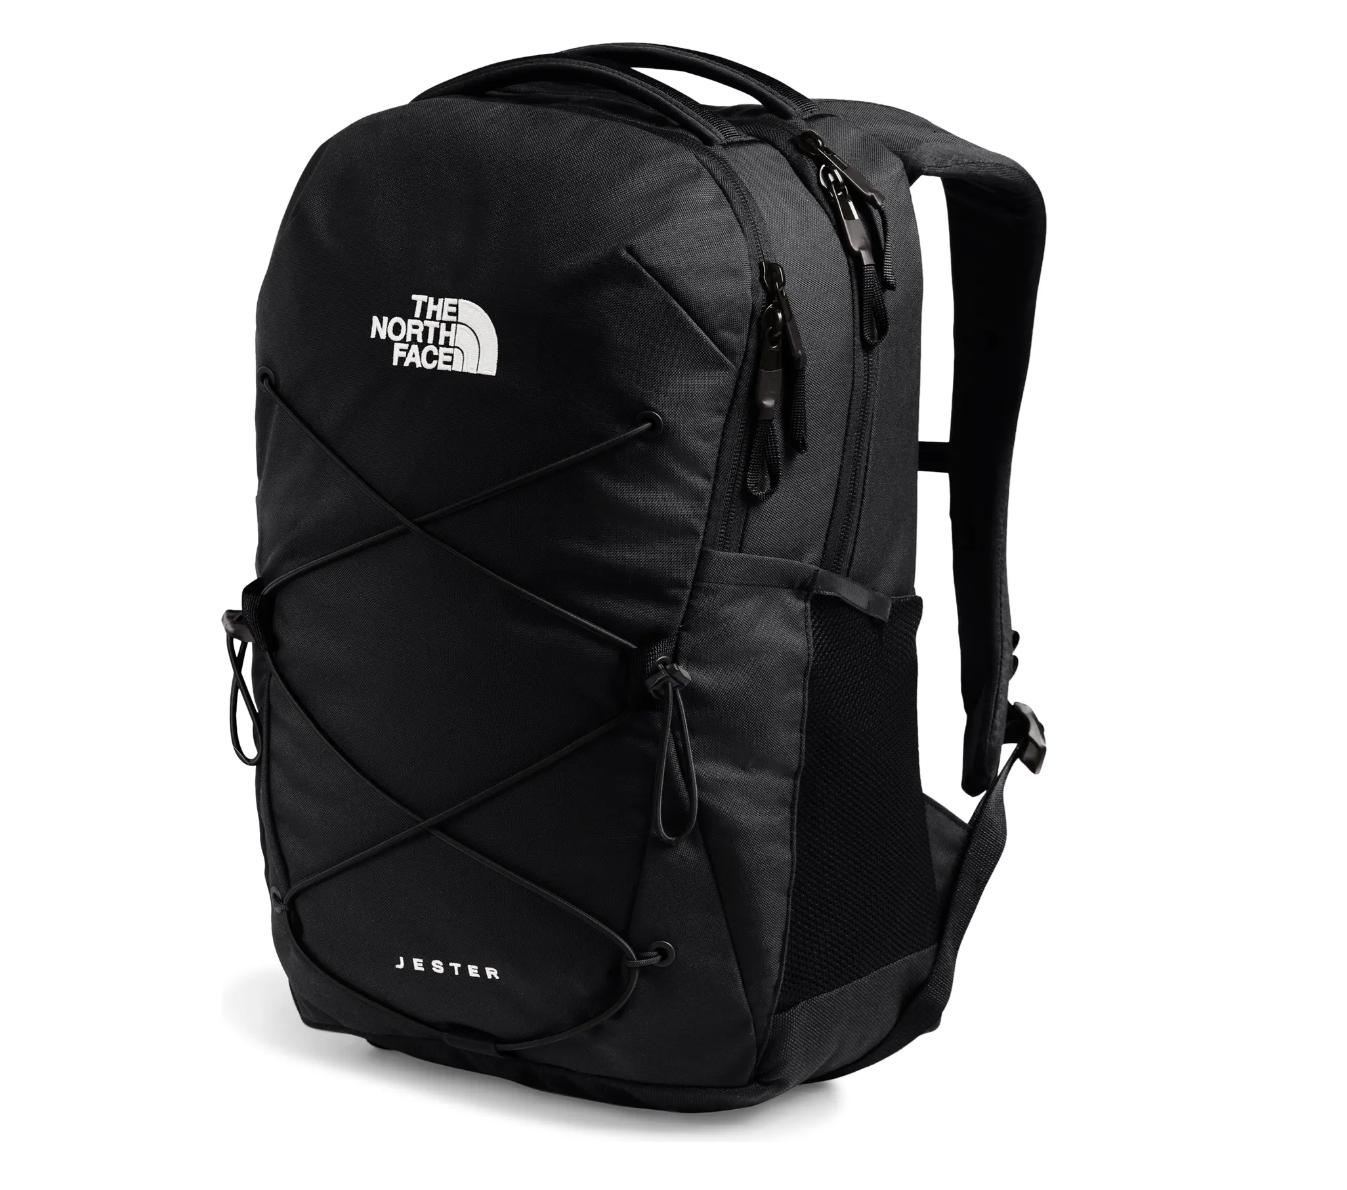 best backpacks under $100 - Northface backpack